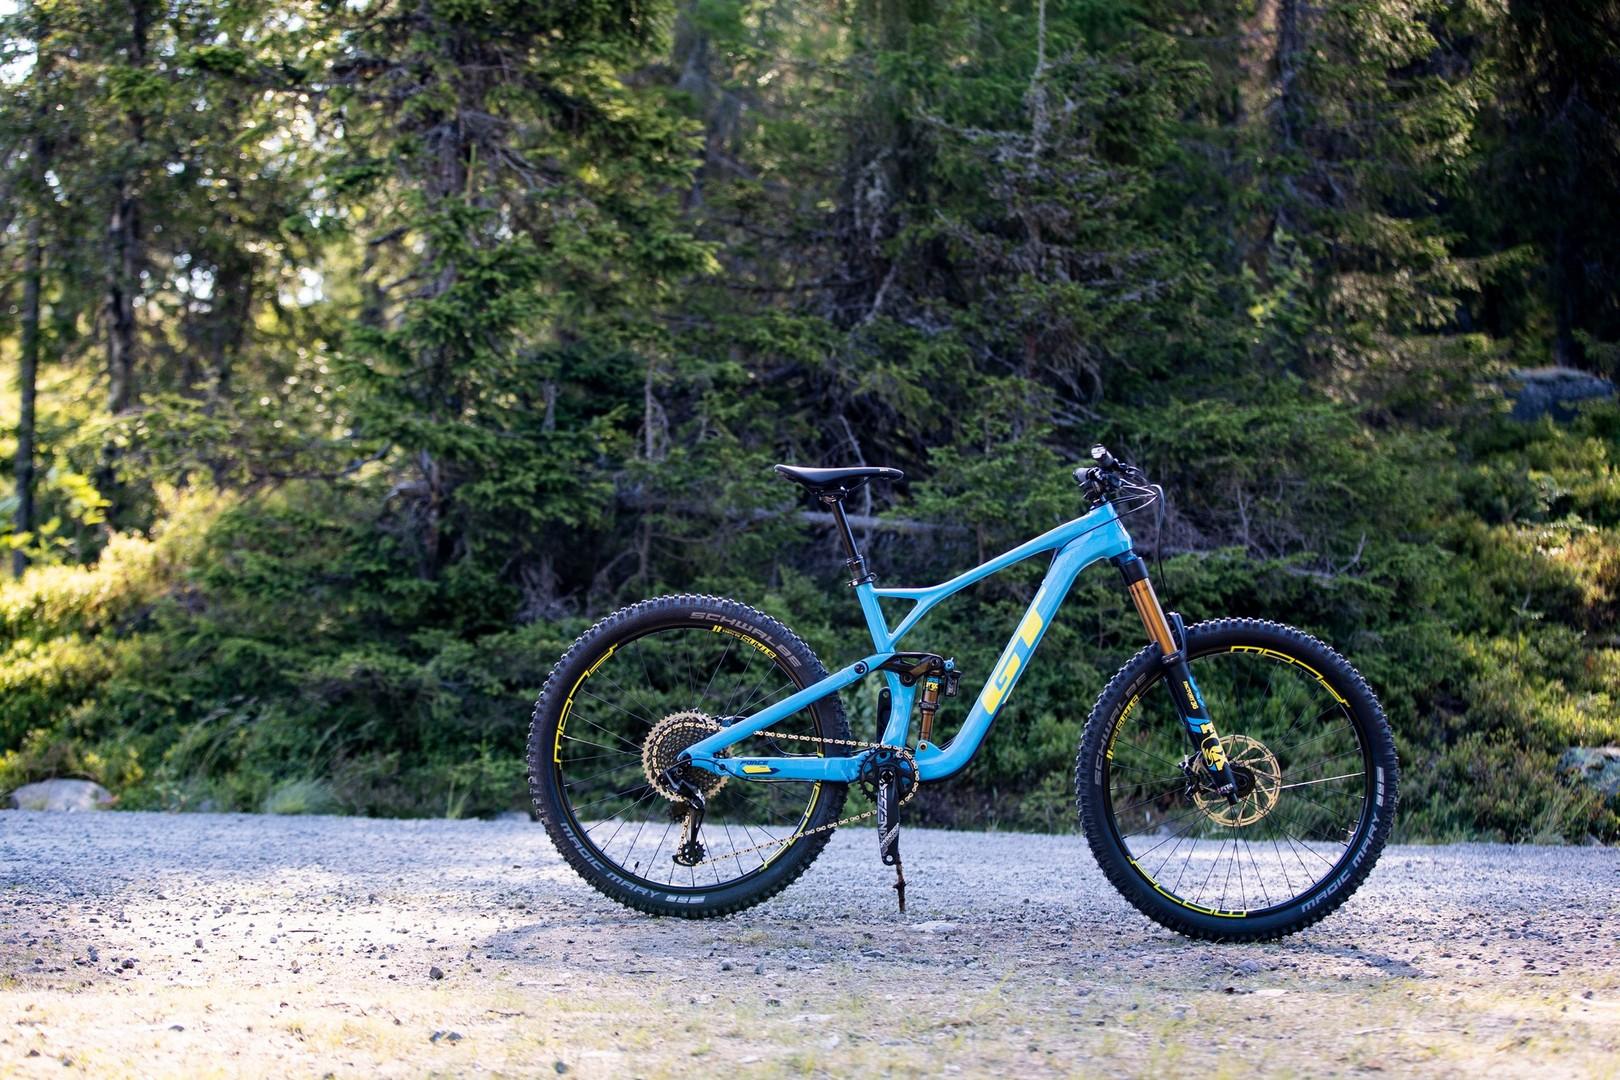 GT Force Carbon Pro - bike